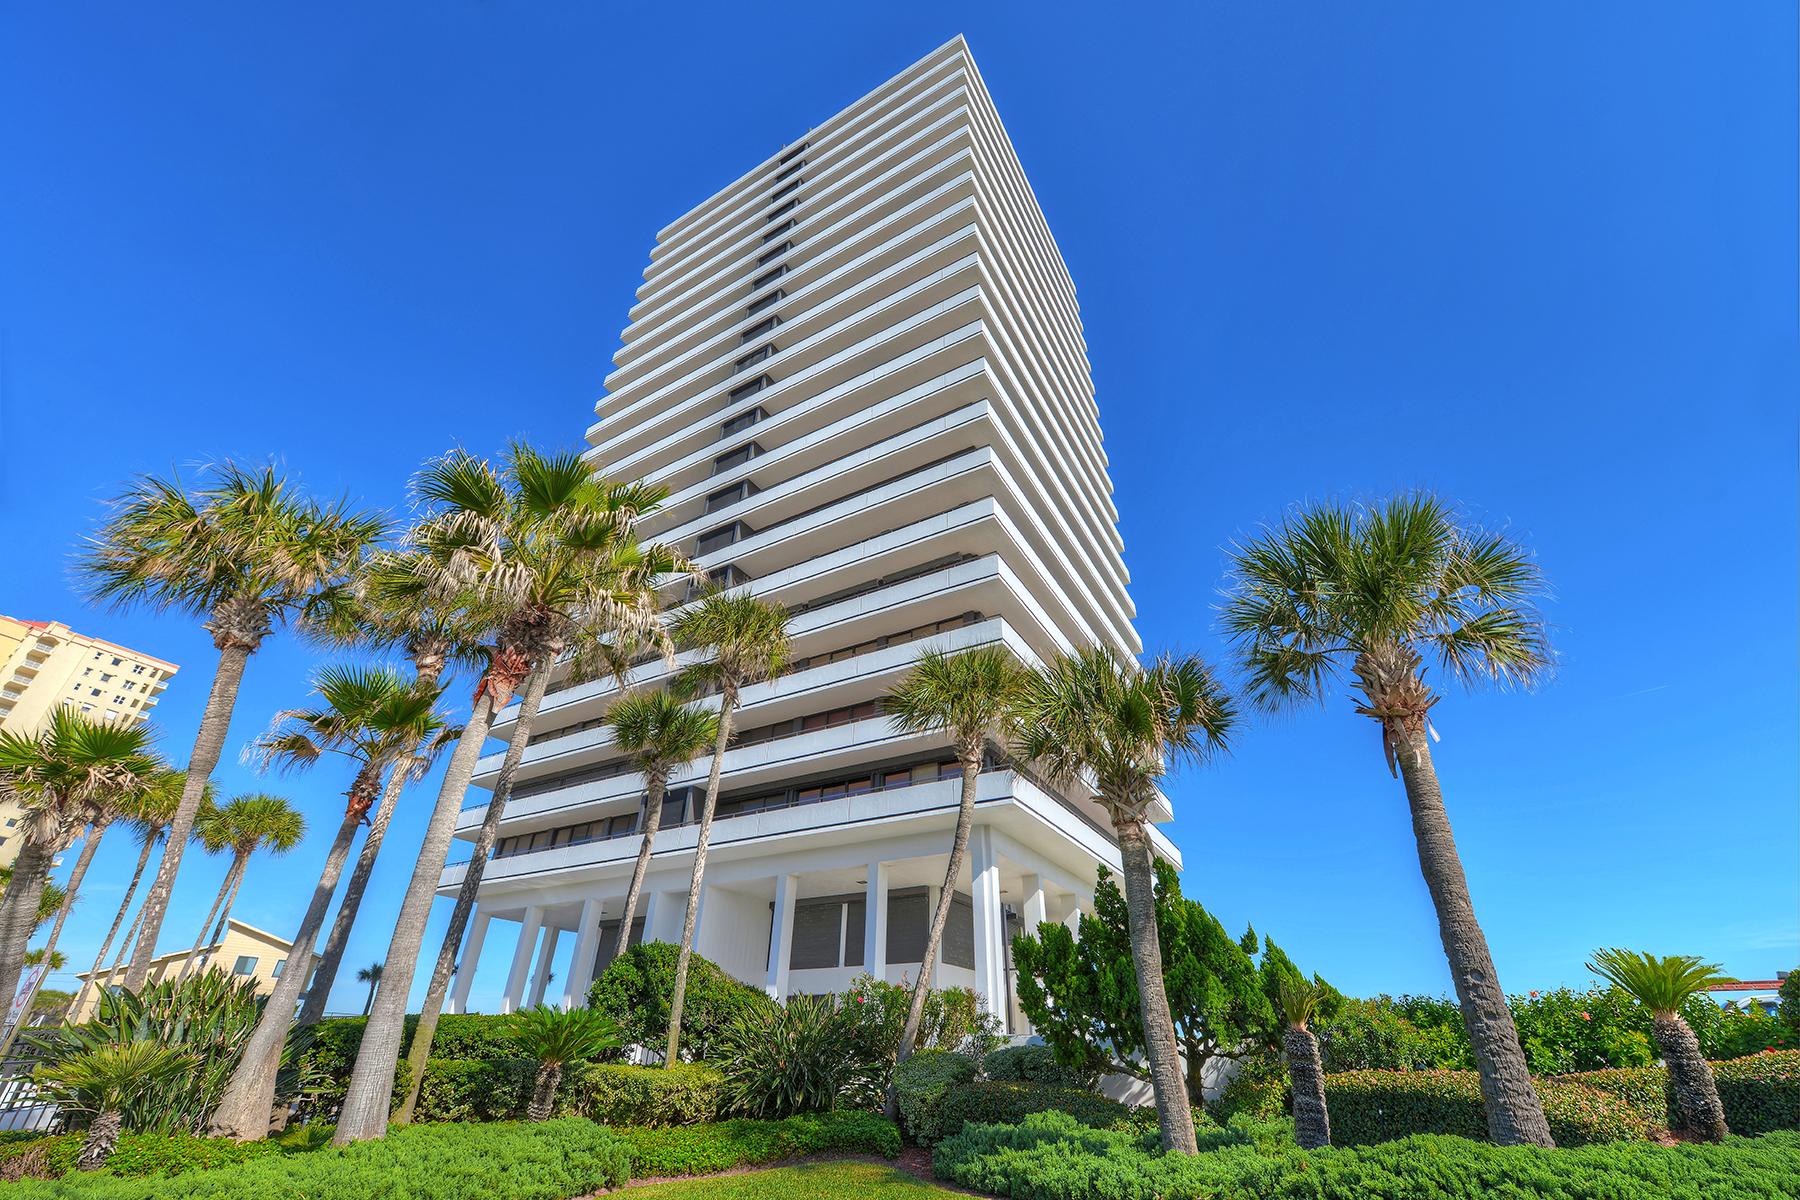 共管物業 為 出售 在 2200 N Atlantic Ave , 801, Daytona Beach, FL 32118 2200 N Atlantic Ave 801 Daytona Beach, 佛羅里達州 32118 美國